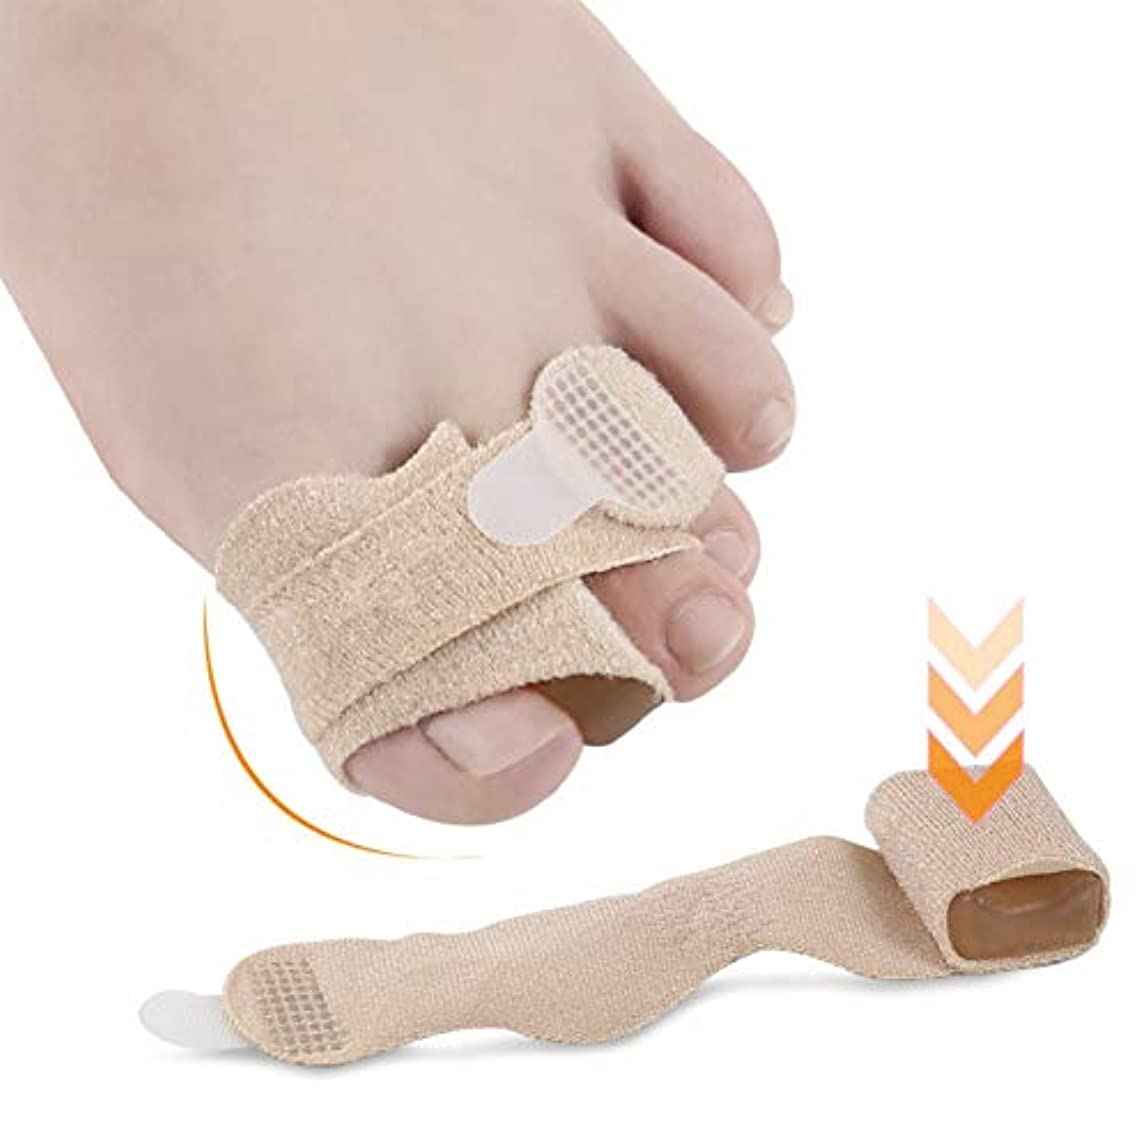 KISSION 親指外反矯正 大骨矯正ベルト つま先セパレーター つま先外反装具 つま先矯正つま先セパレーター つま先の痛みを和らげる